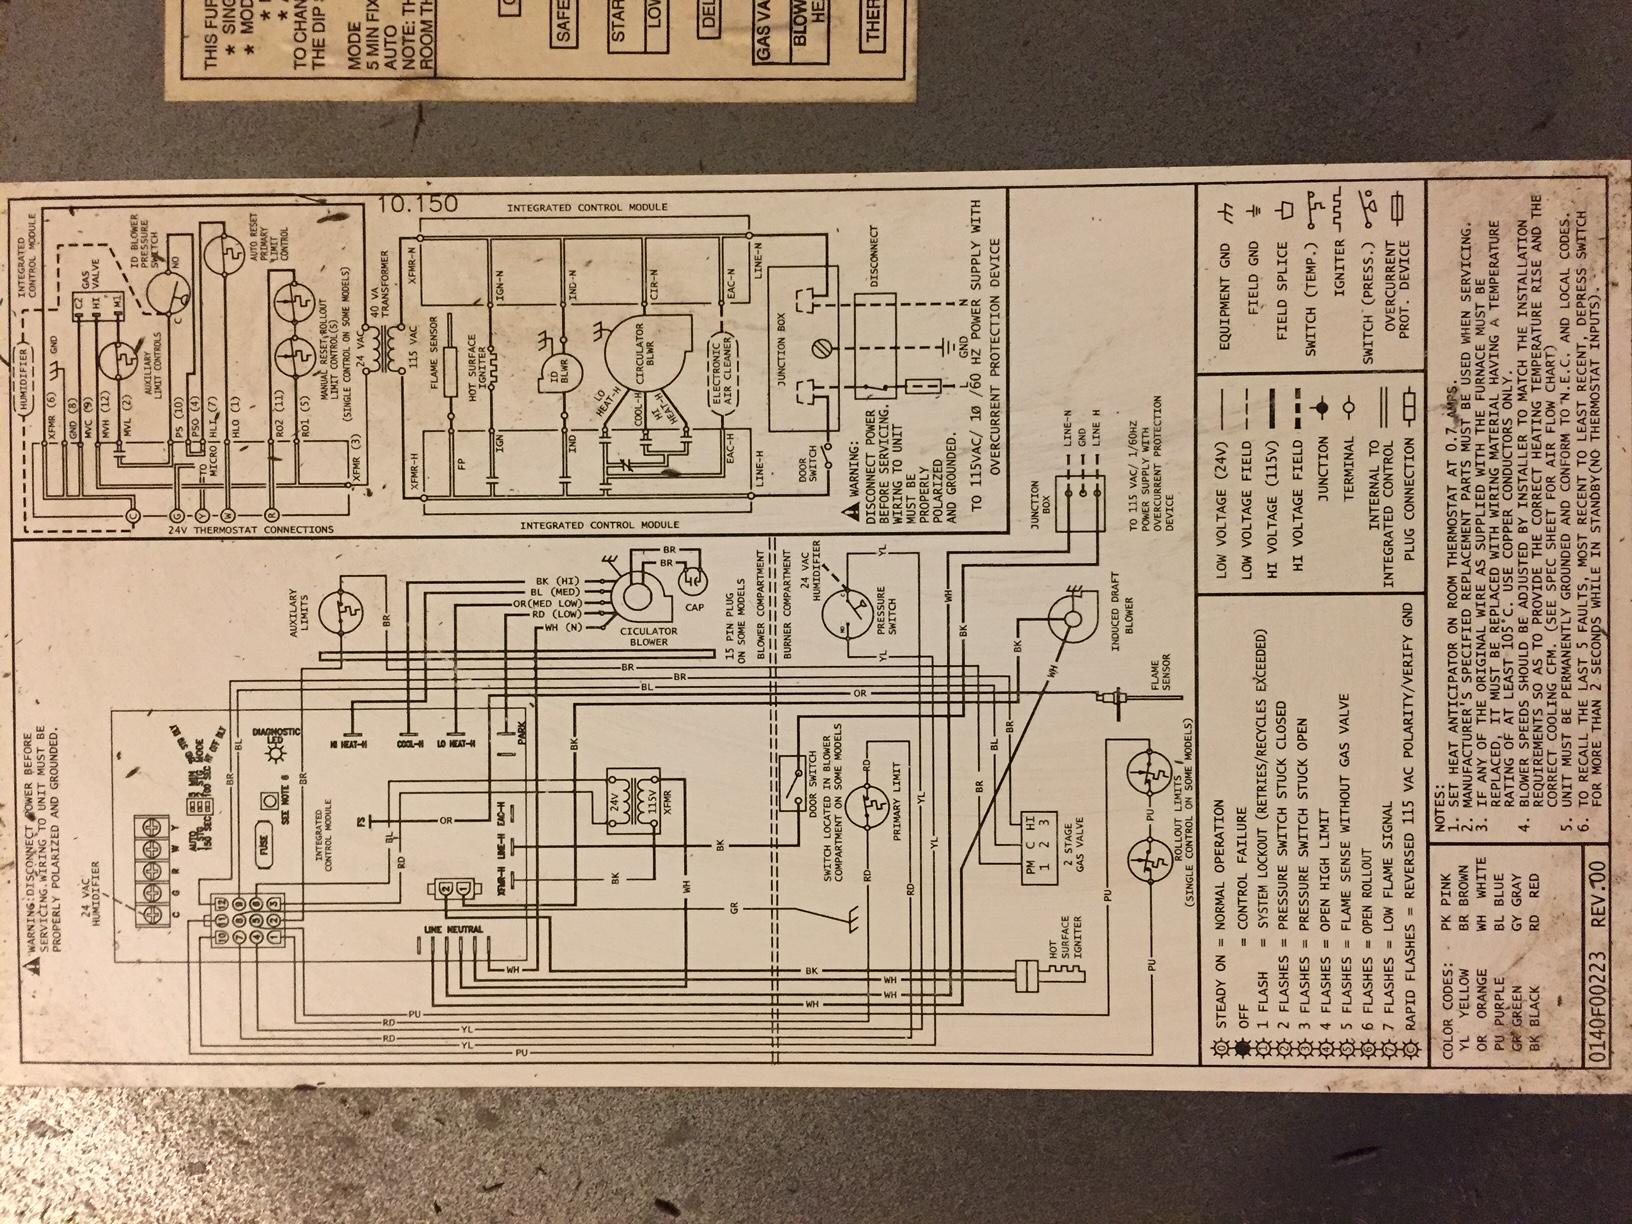 Goodman Wiring Diagram.JPG